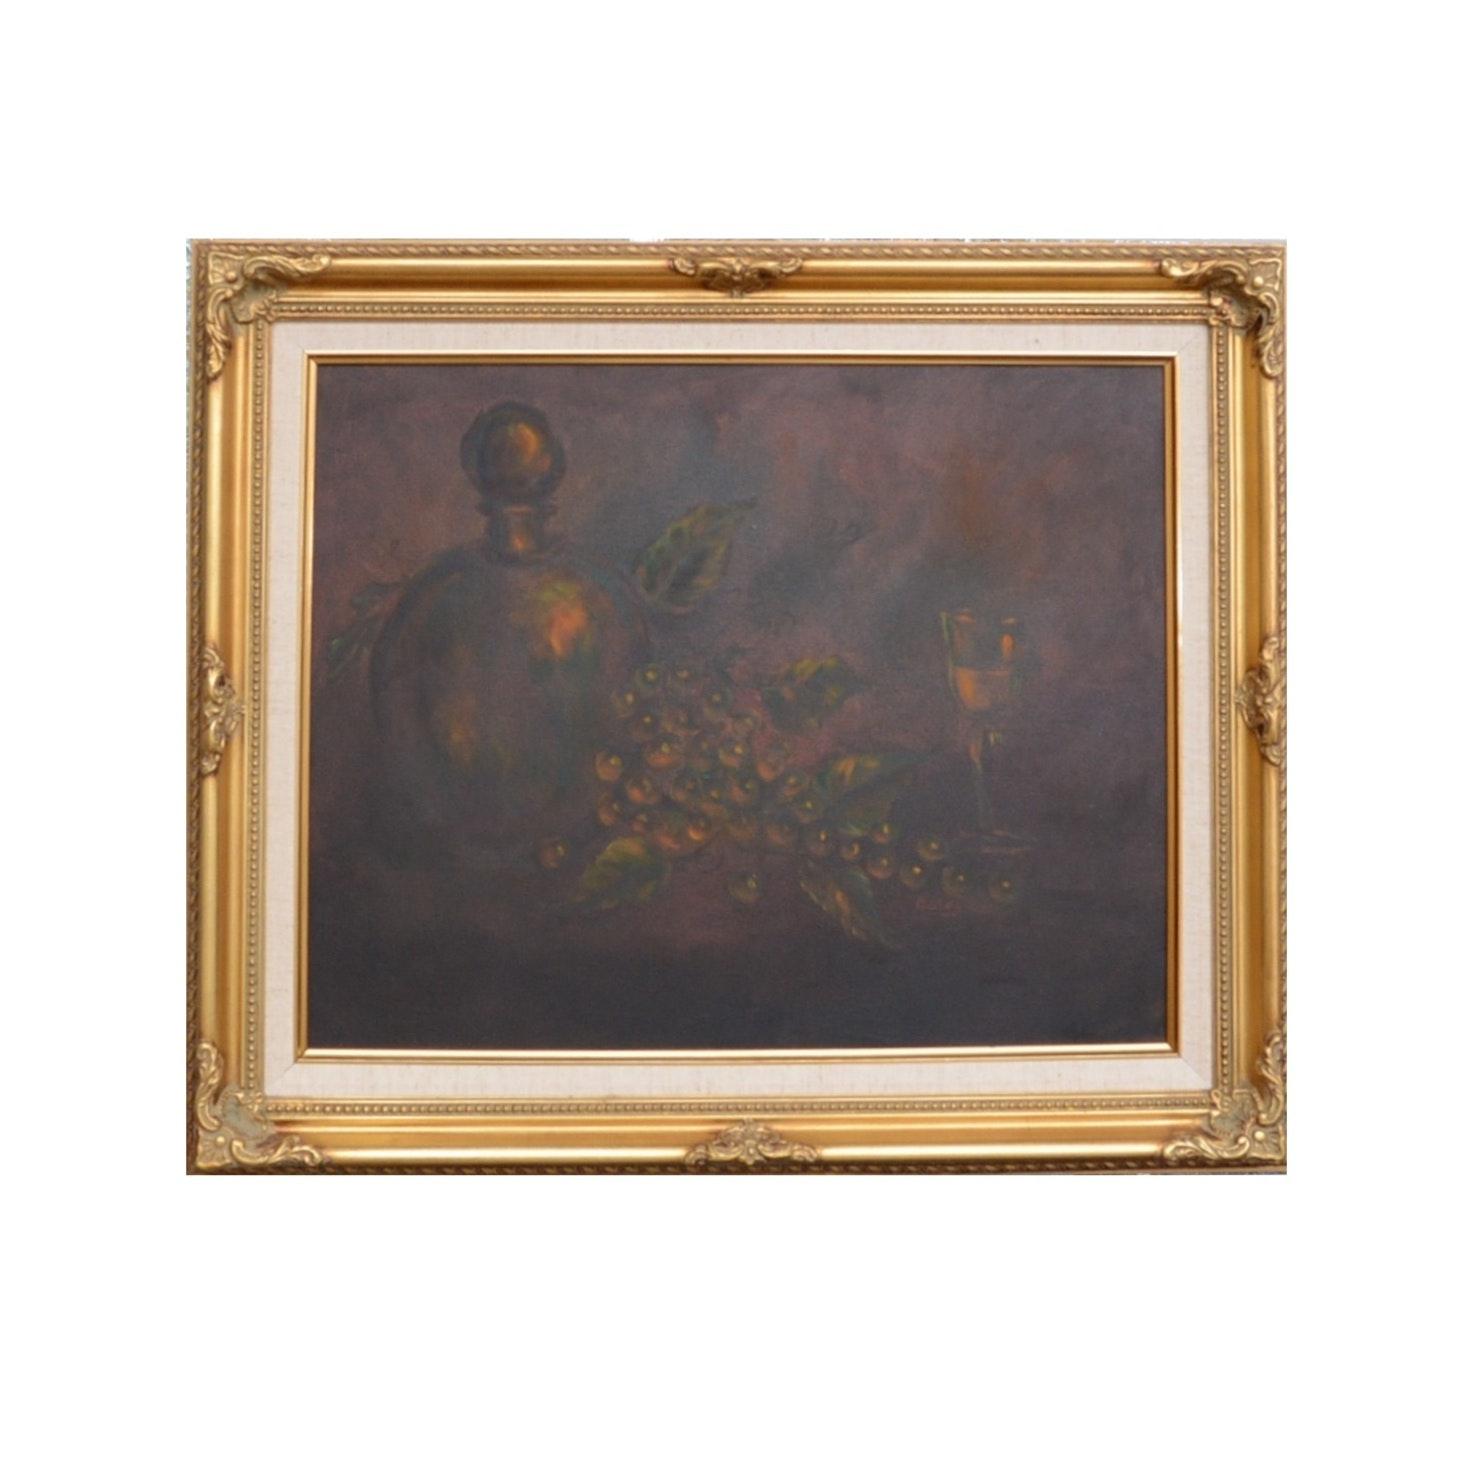 Oil on Canvas Still Life, Signed Boley